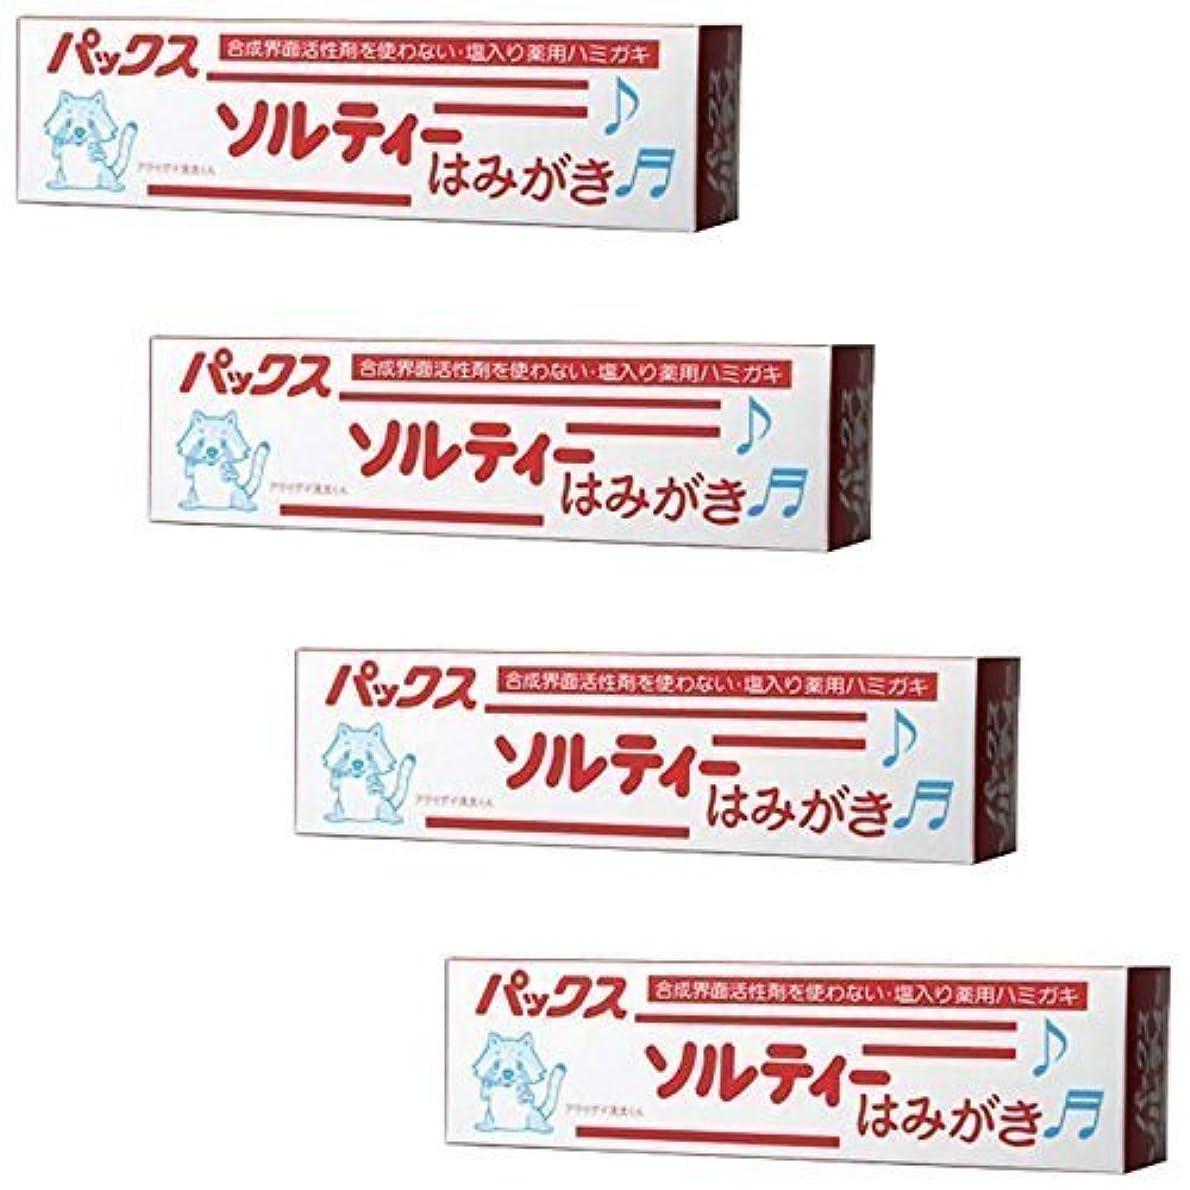 リダクターホース再生可能【セット品】パックスソルティーはみがき 80g (塩歯磨き粉) (80g×4個)